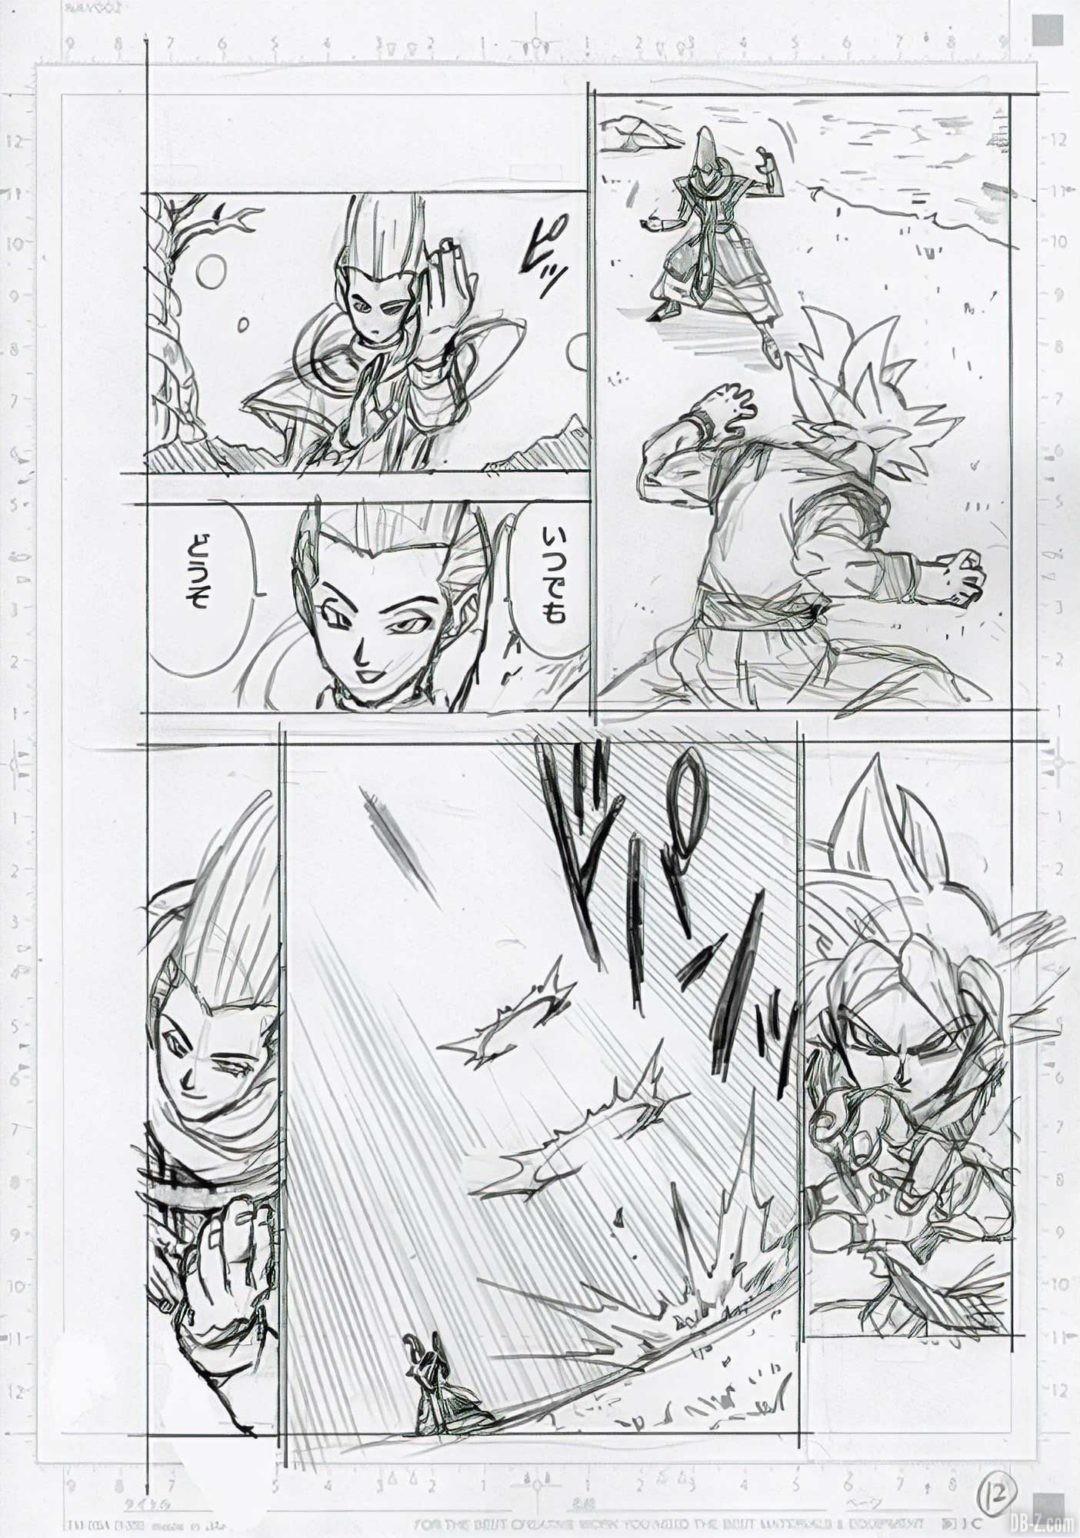 Dragon Ball Super Chapitre 68 Brouillon Page 12